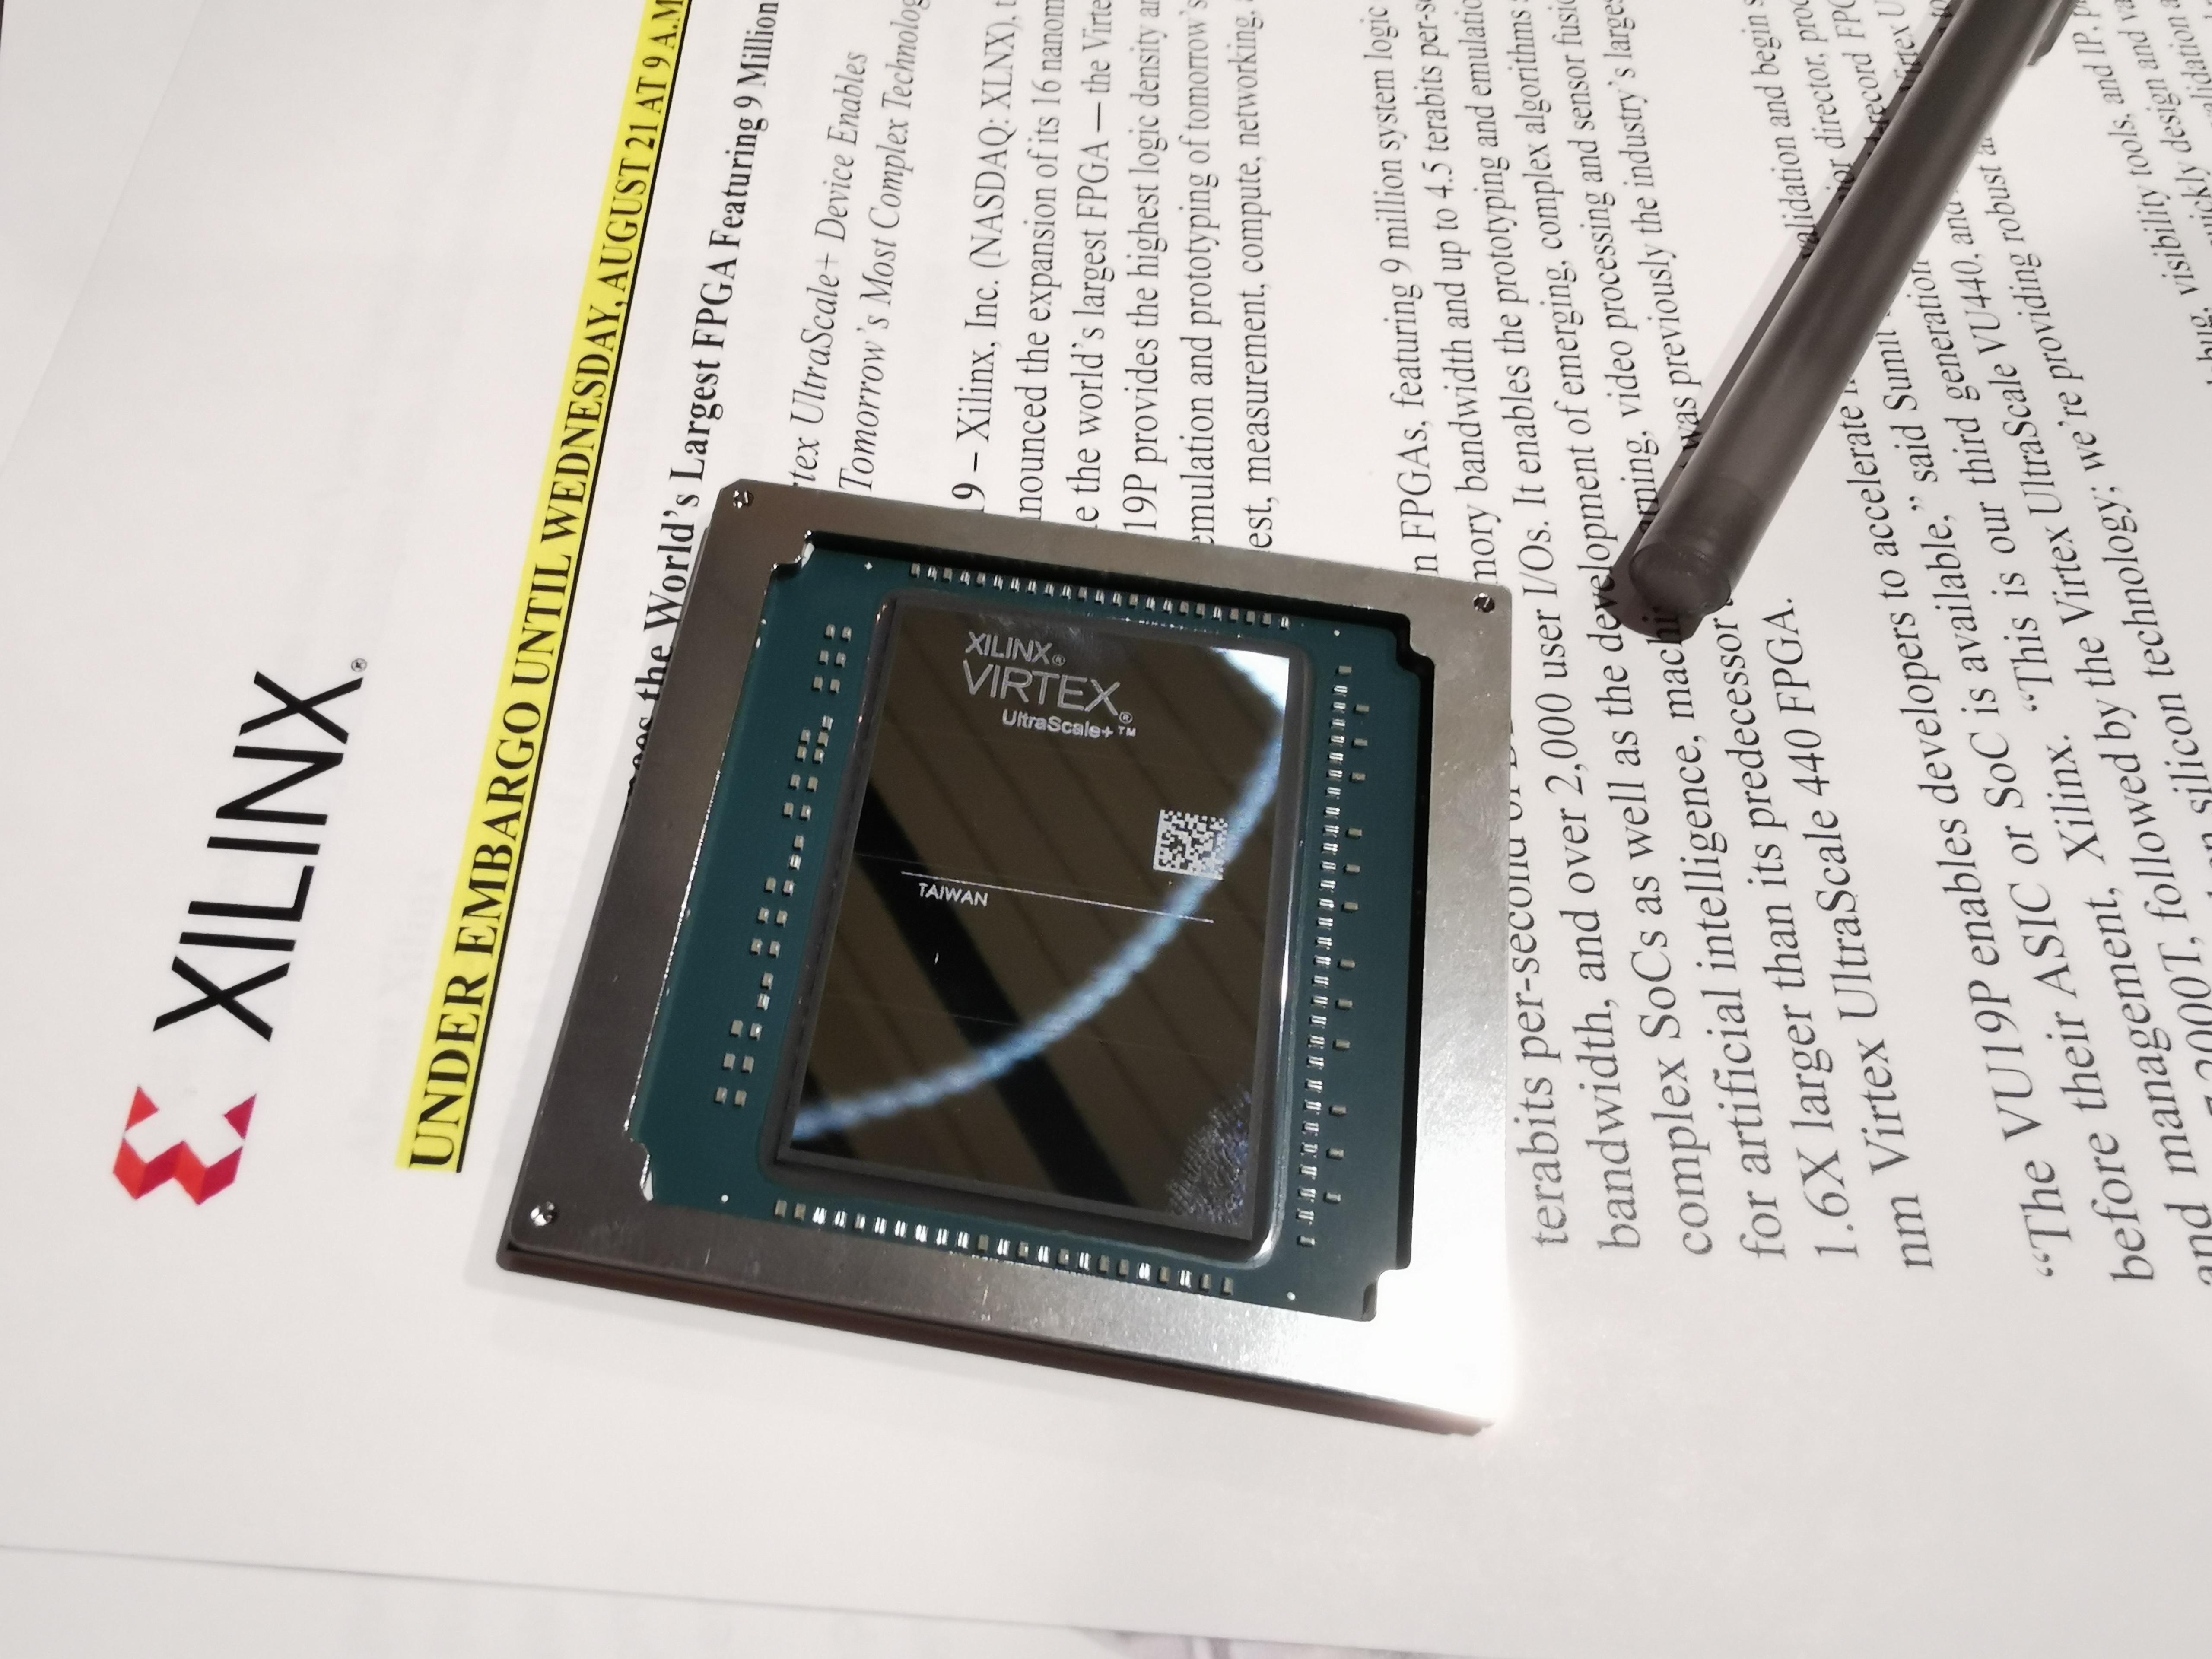 Xilinx Announces World Largest FPGA: Virtex Ultrascale+